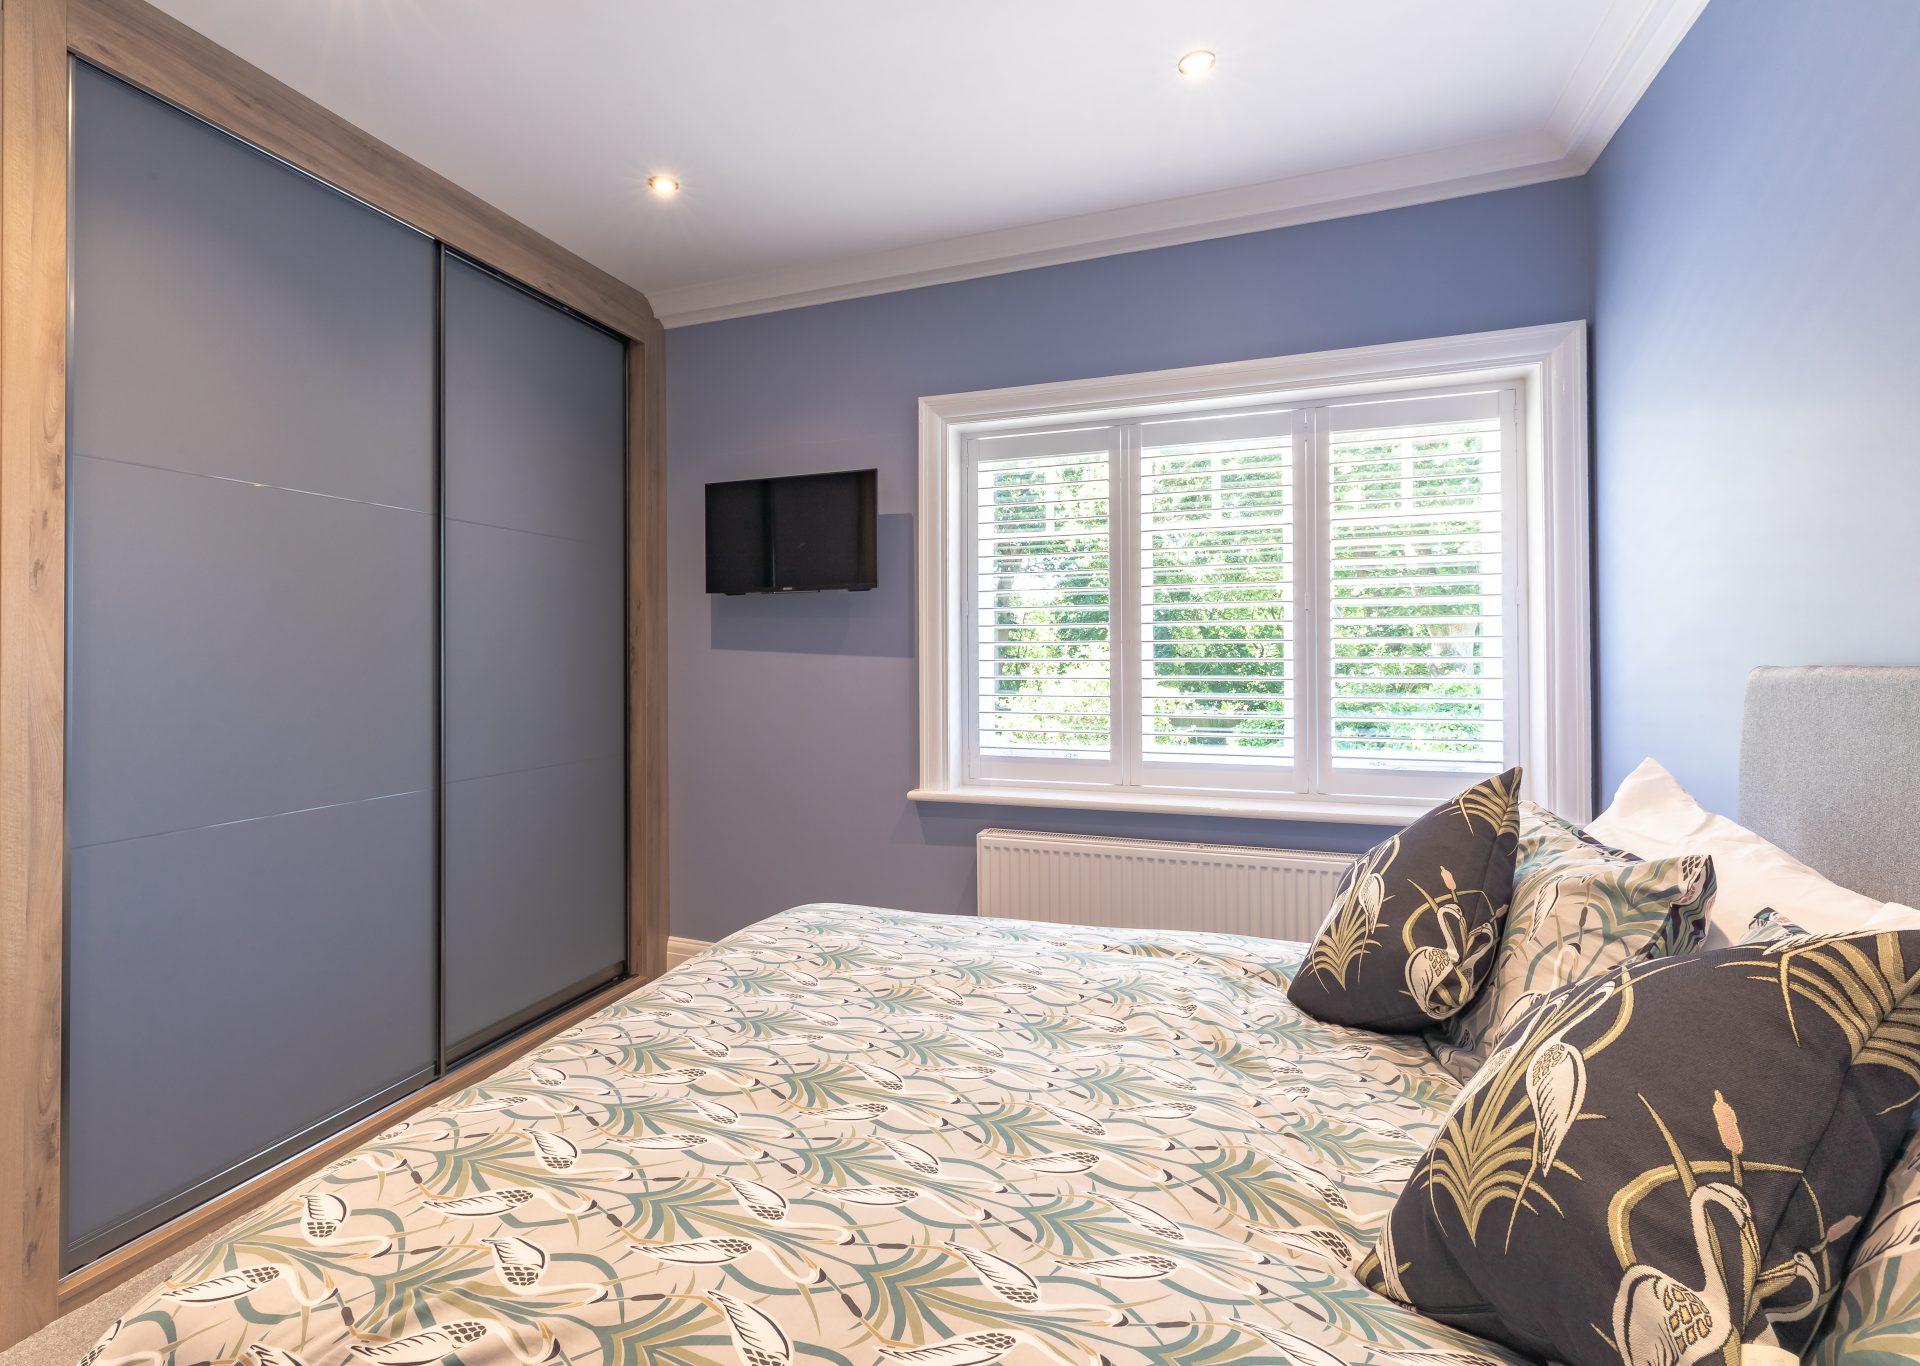 Dorset Luxury Bedrooms